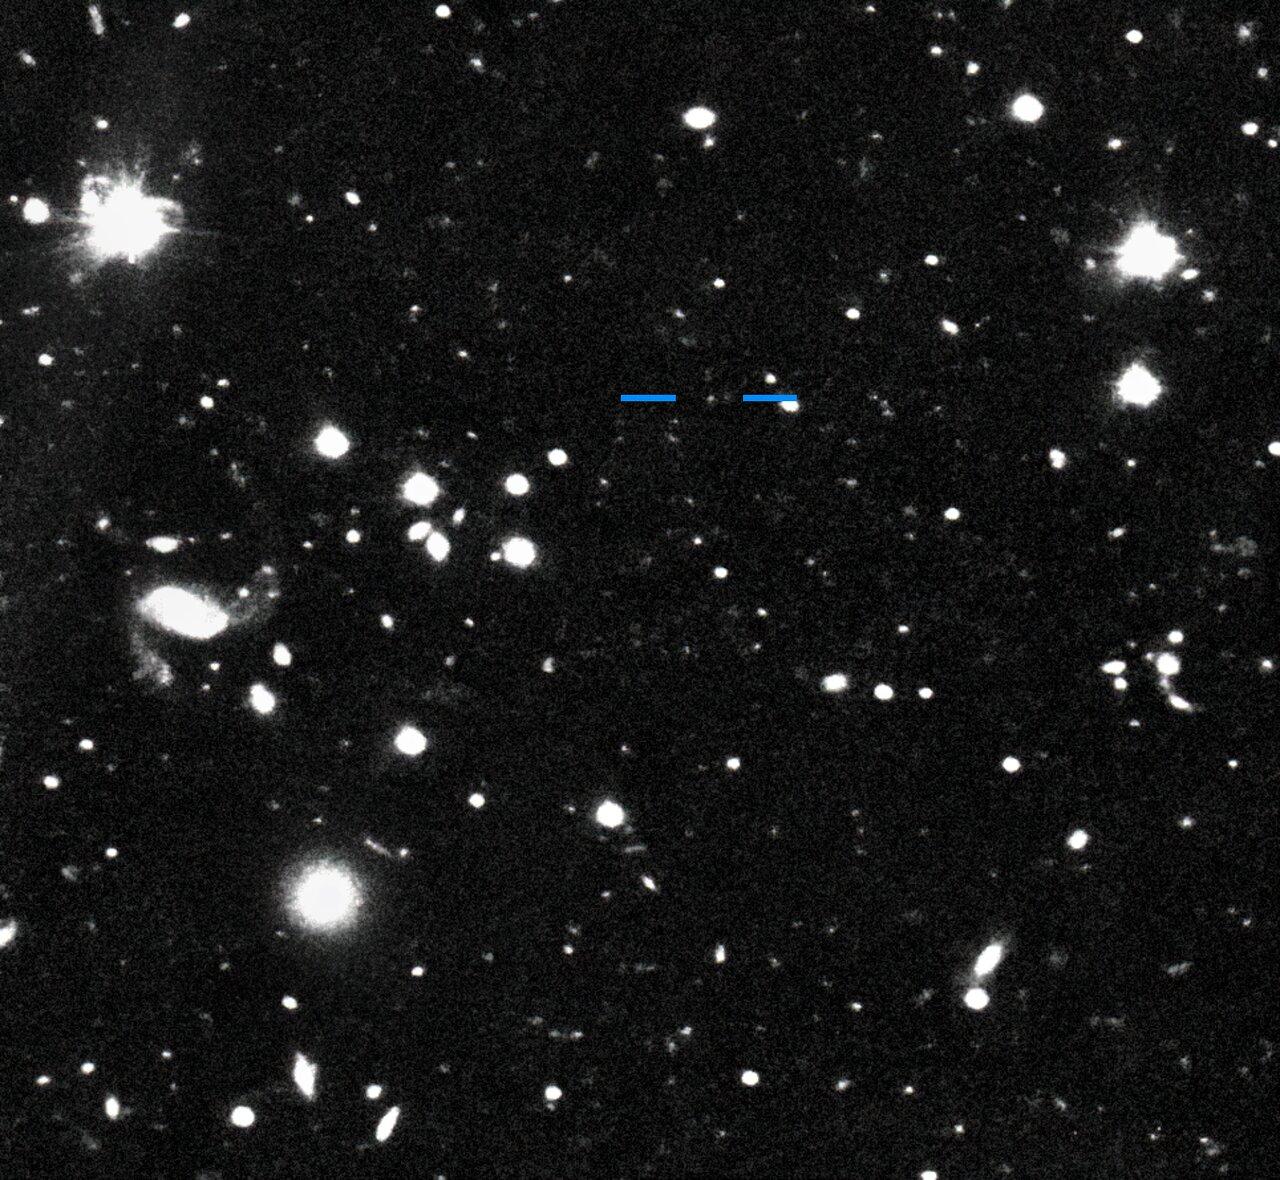 Immagine di Farfarout (2018 AG37) scatta dal Subaru Telescope il 16 gennaio 2018. Credits: S. Sheppard